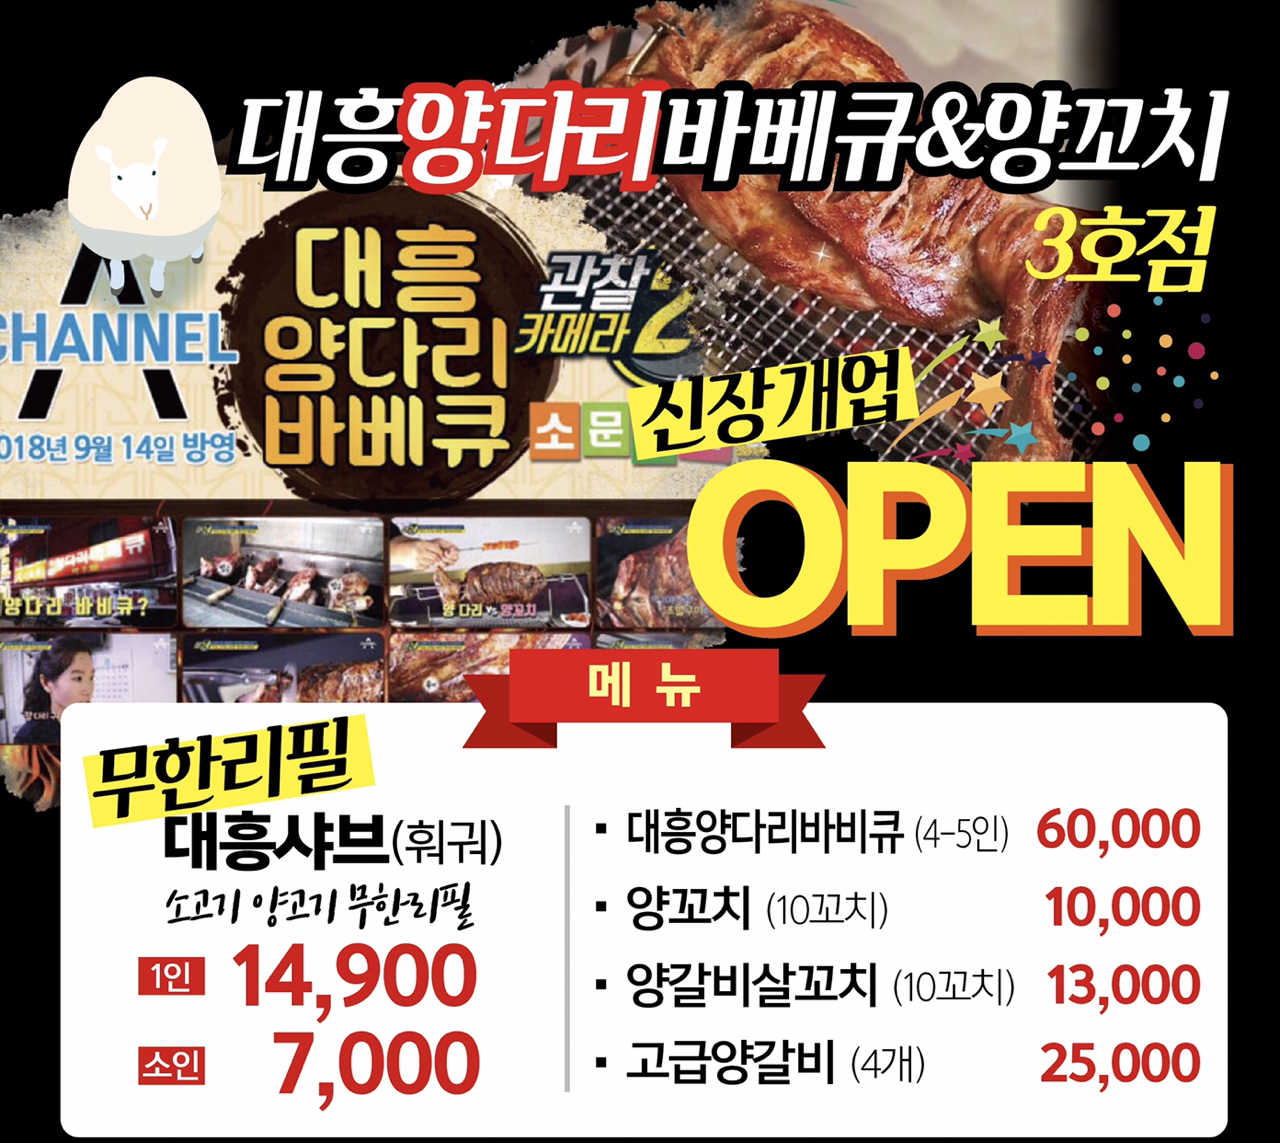 TV맛집.  방송출연맛집  대흥 양다리 바베큐